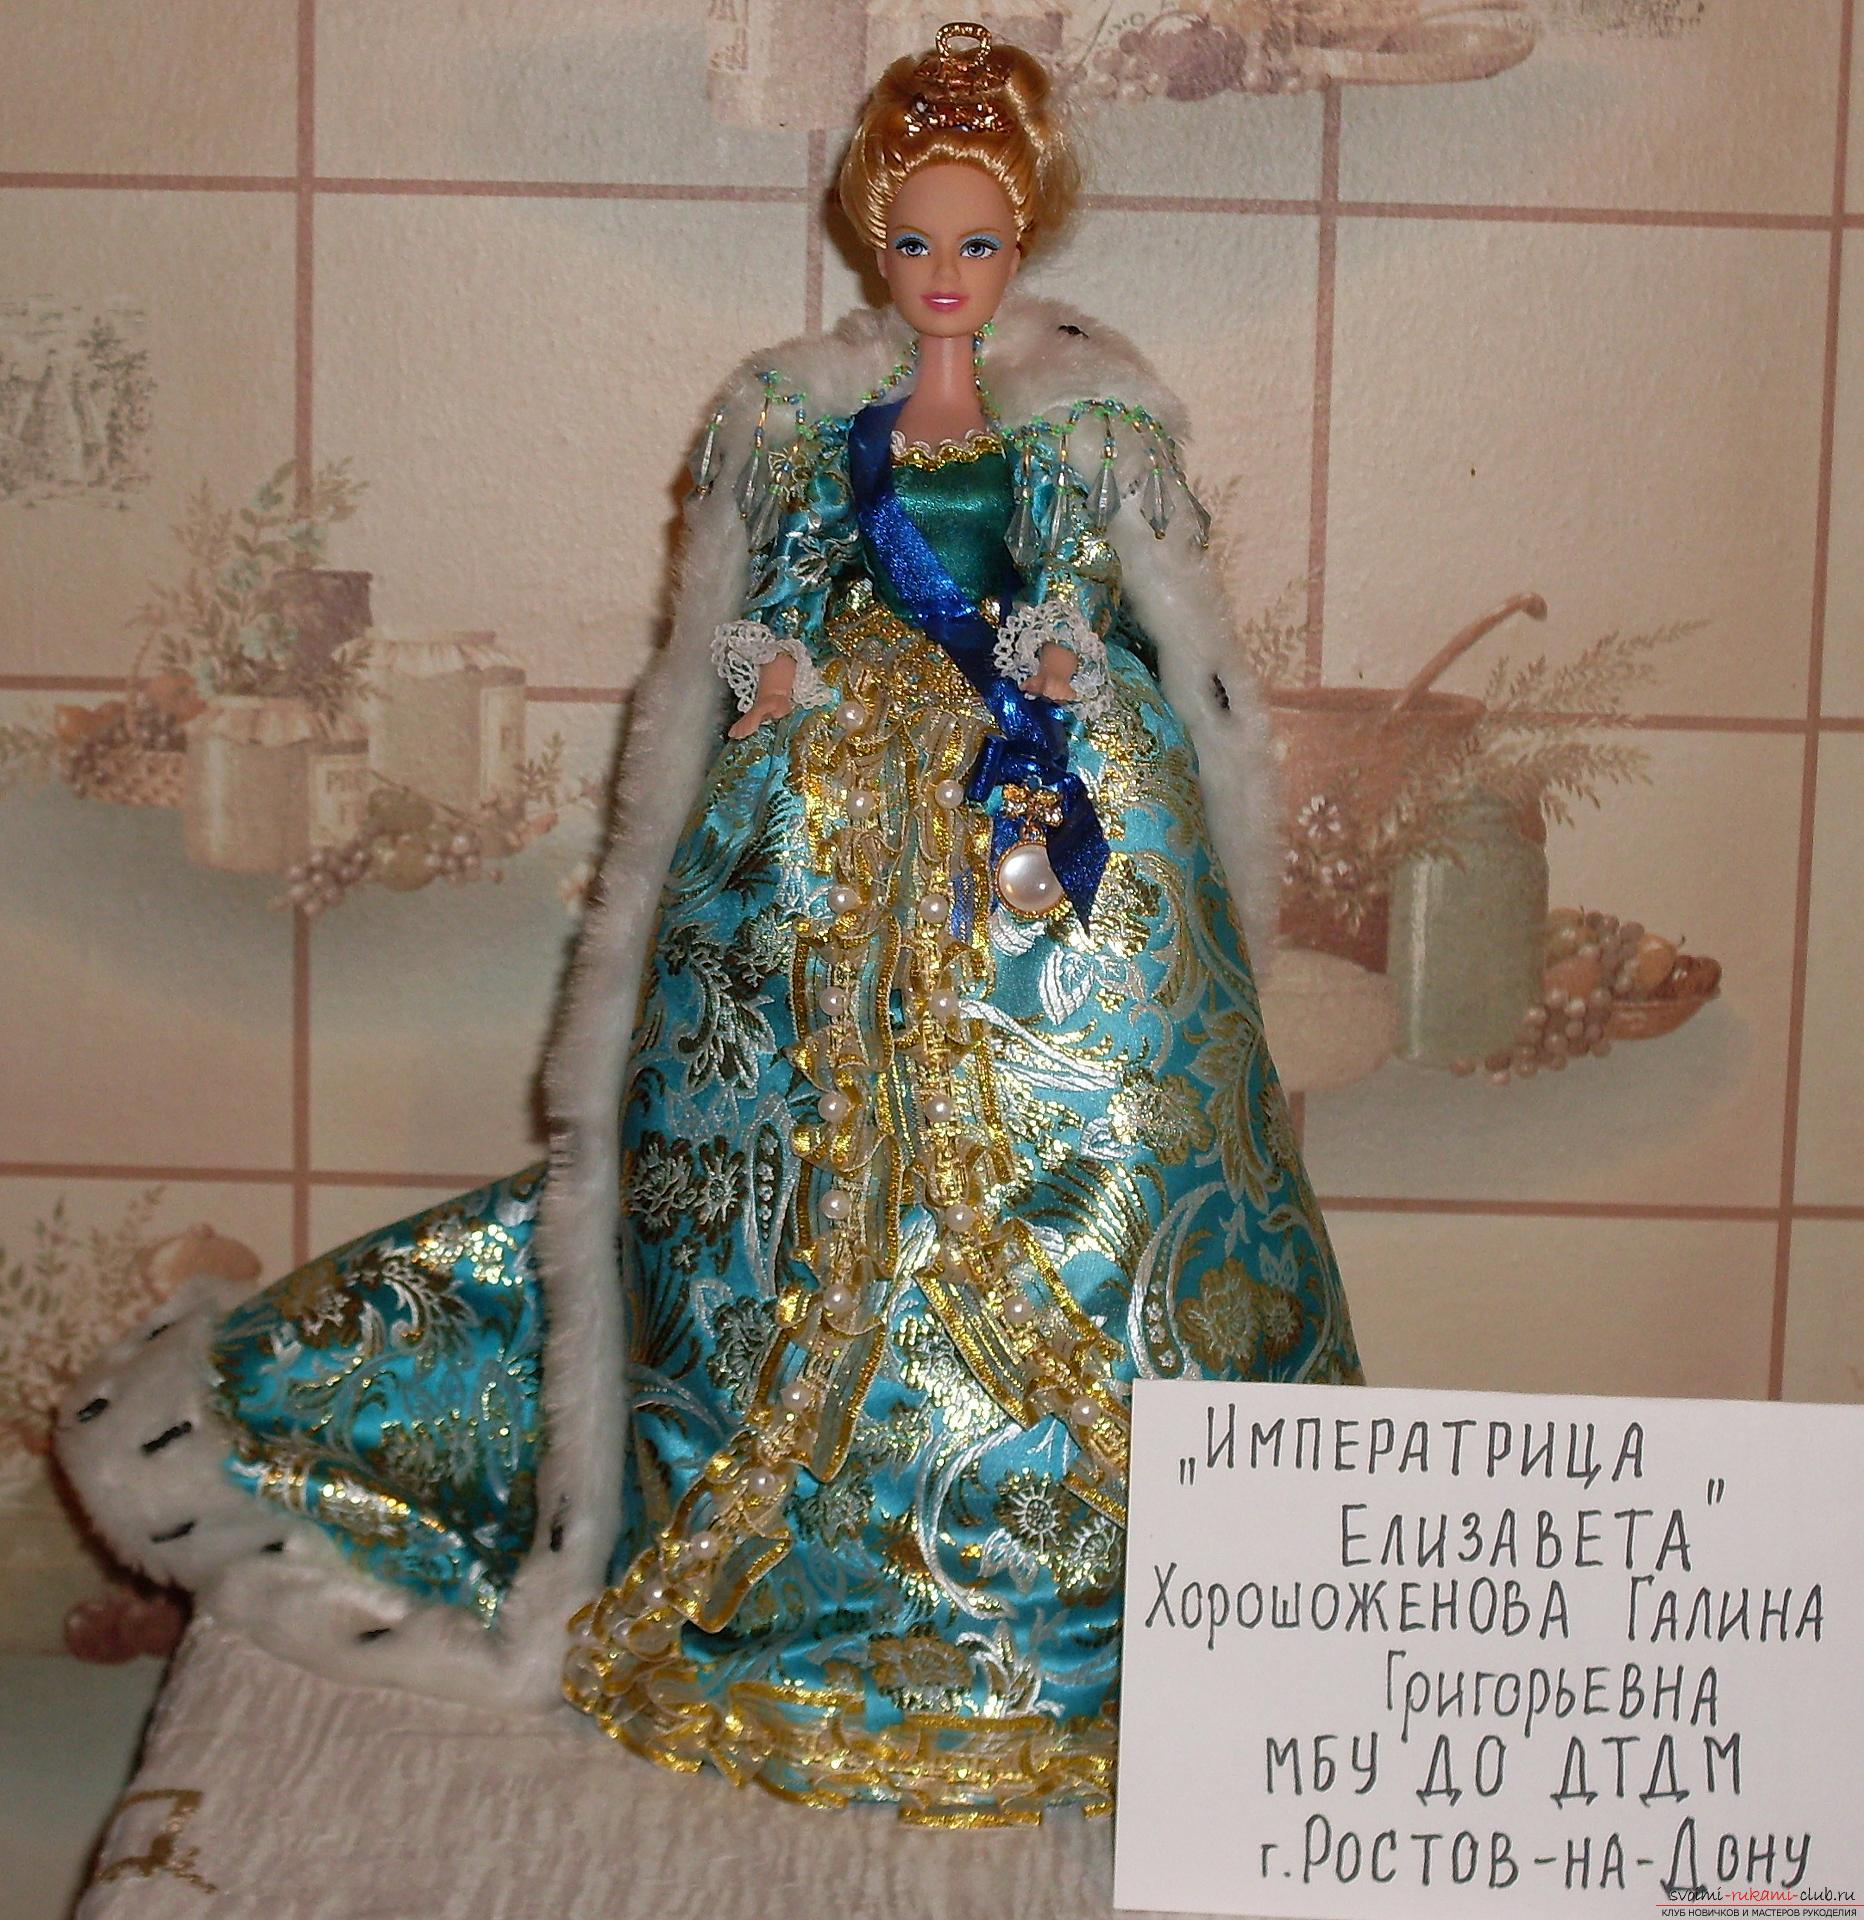 Платье императрицы Елизаветы. Фото №1